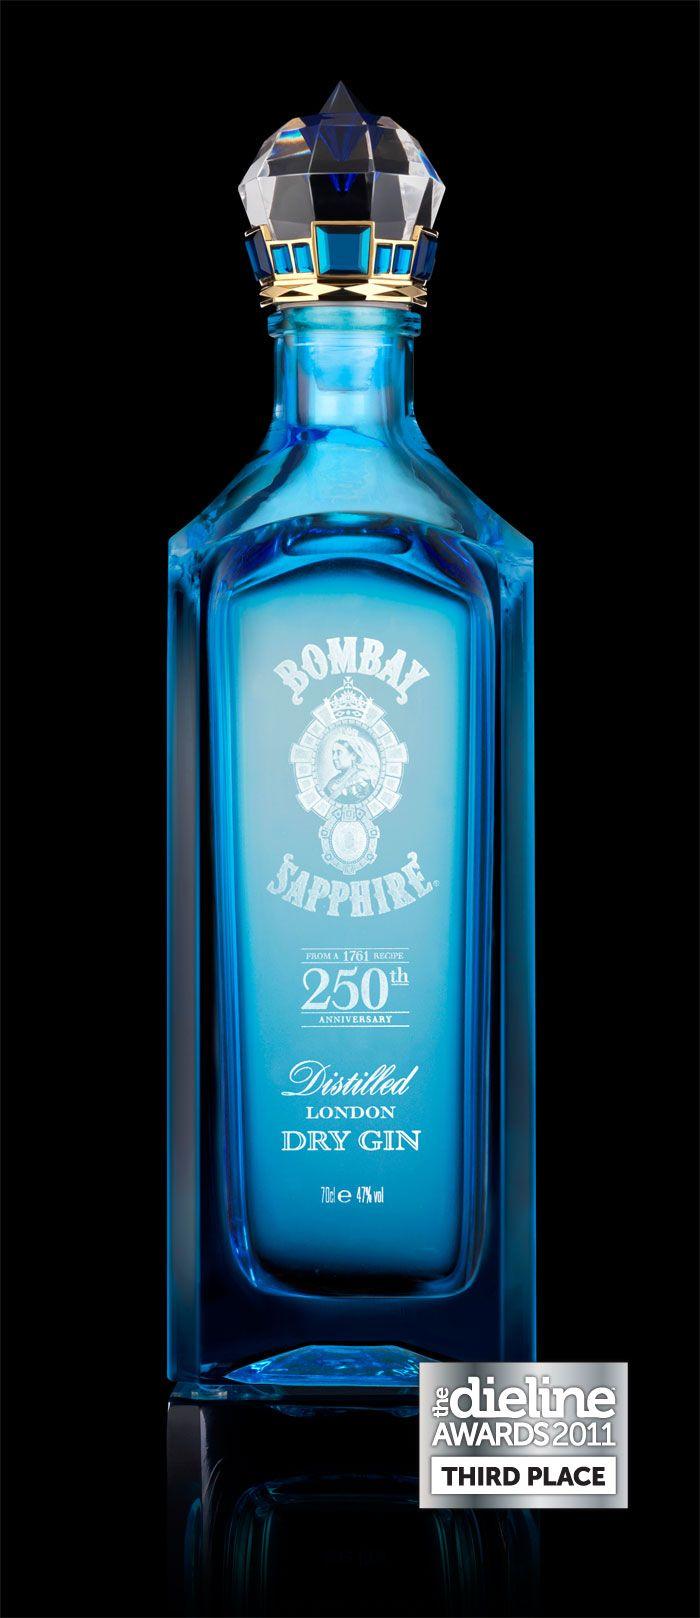 250-years anniversary of Bombay Saphire's secret gin recipe.